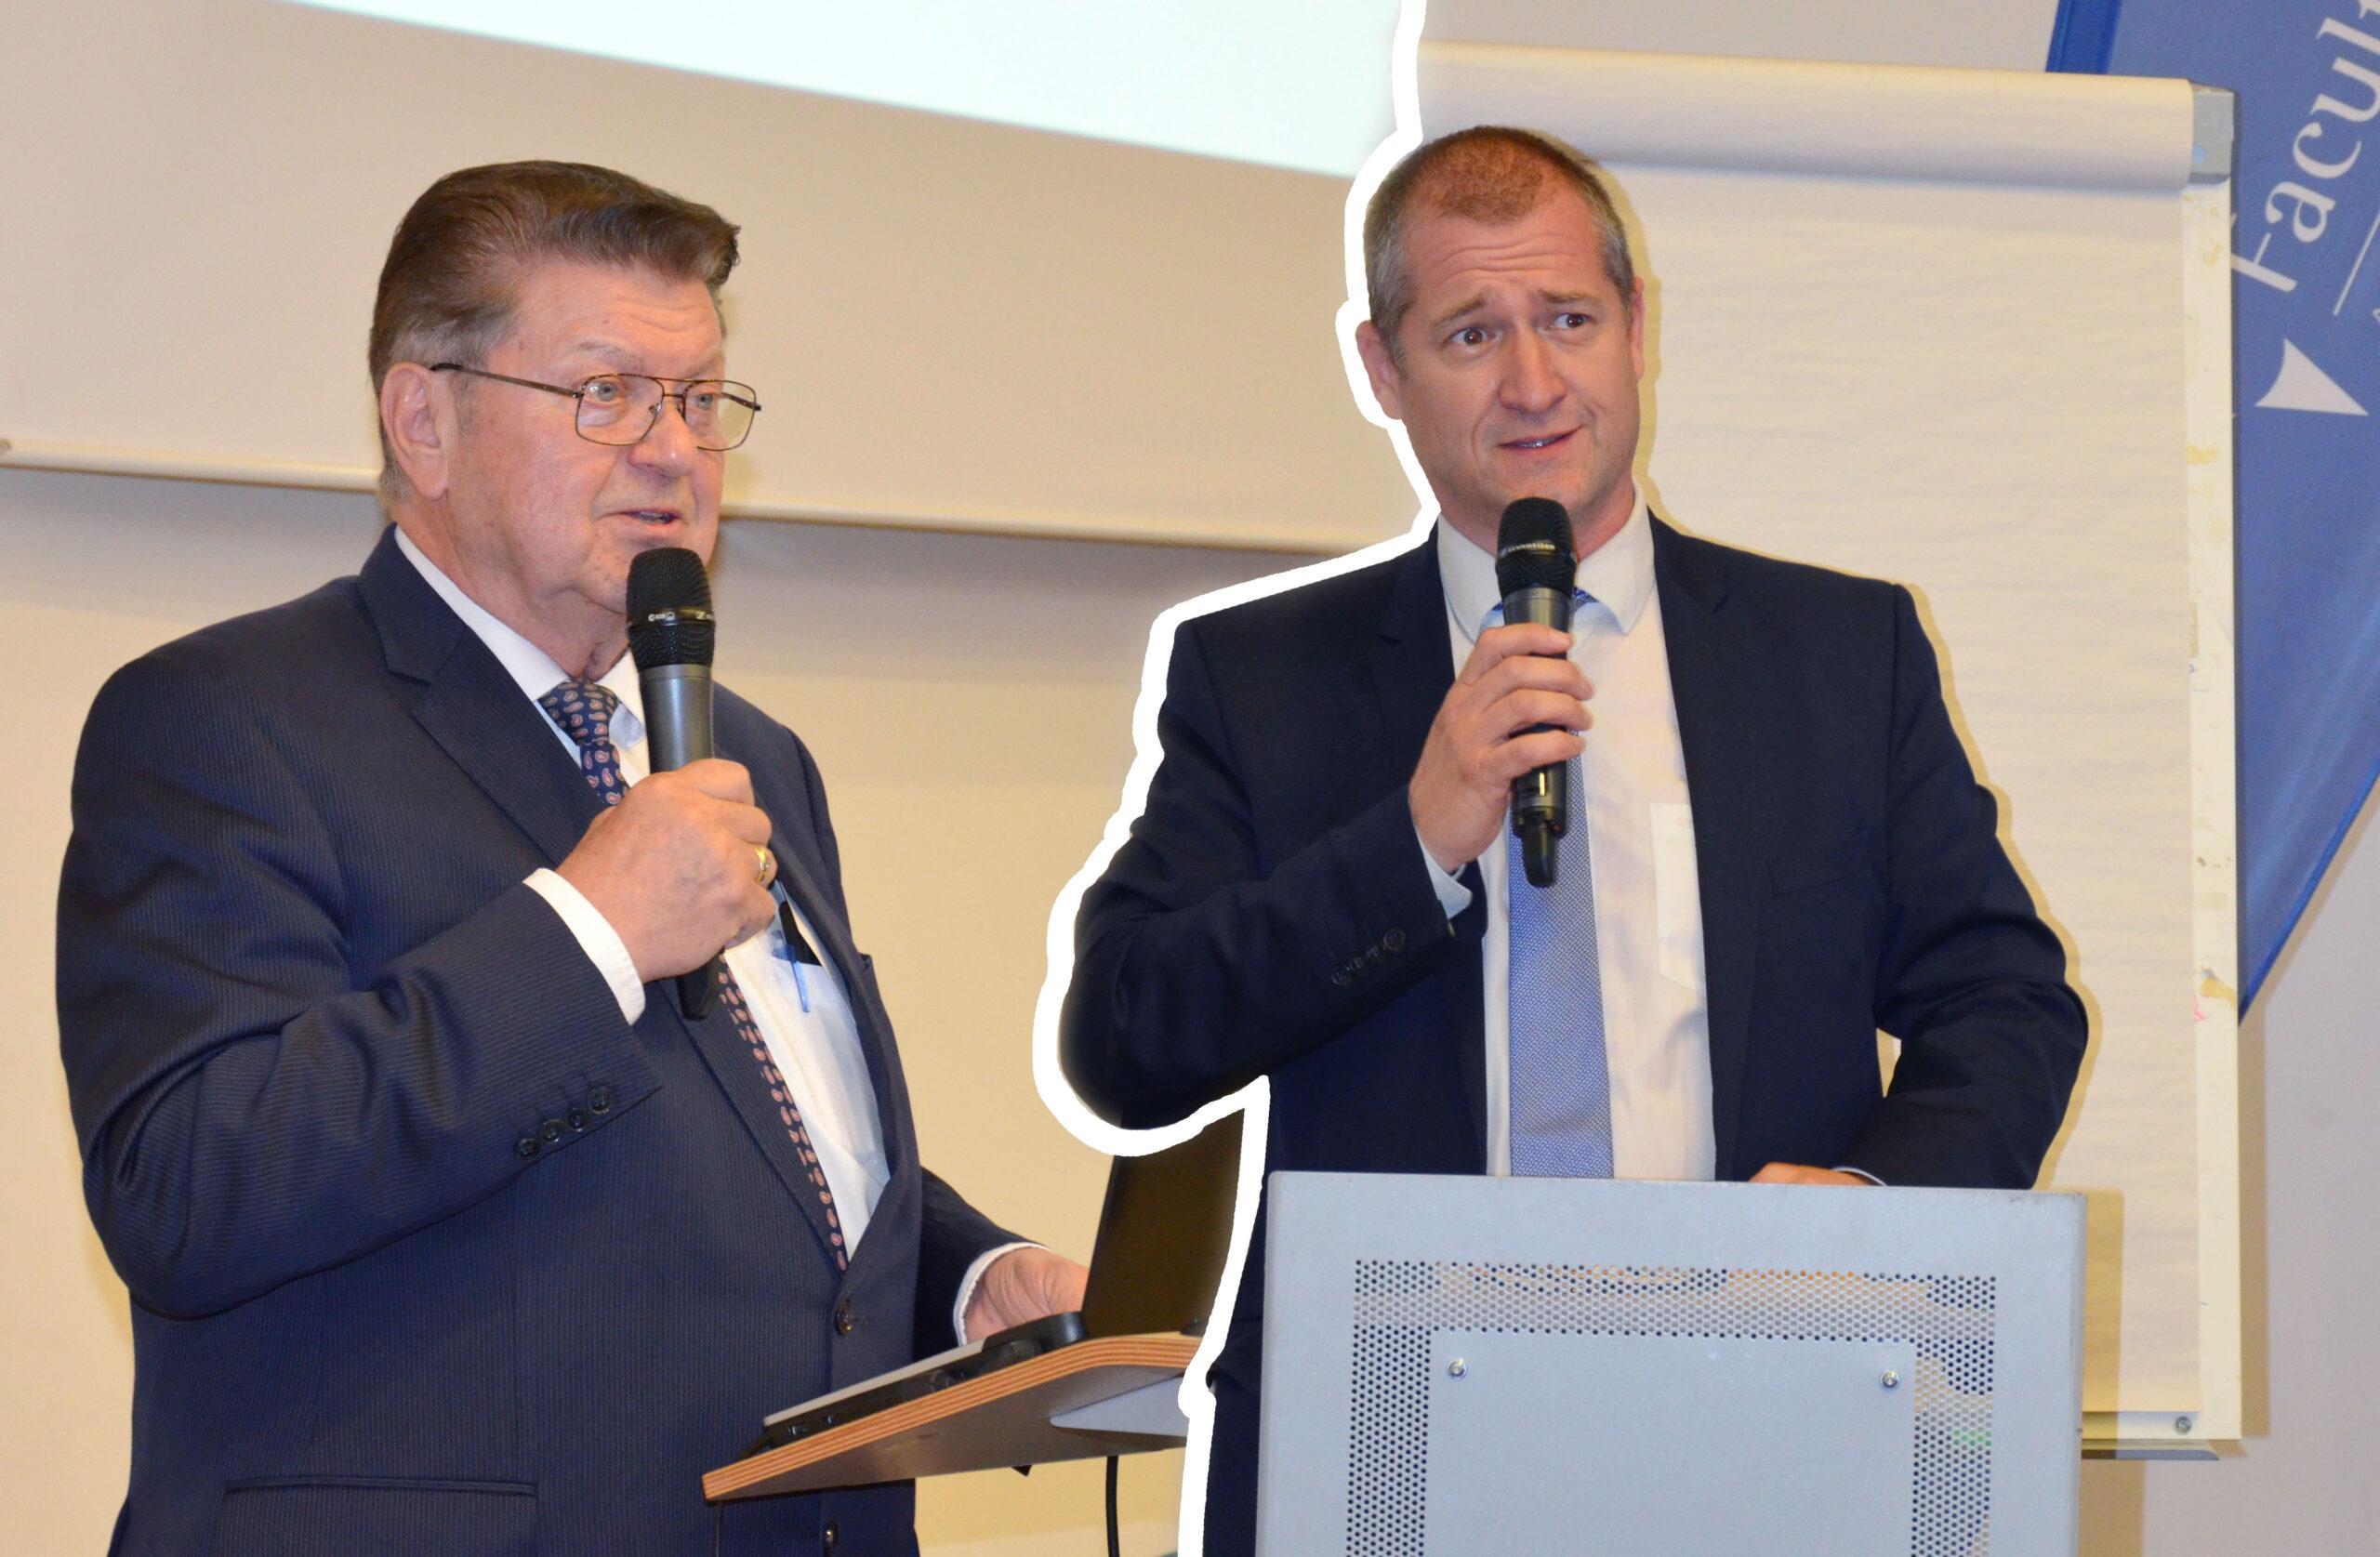 Passation de pouvoir pour la présidence : Christian THÉROND transmet le flambeau à Fabien DAURAT